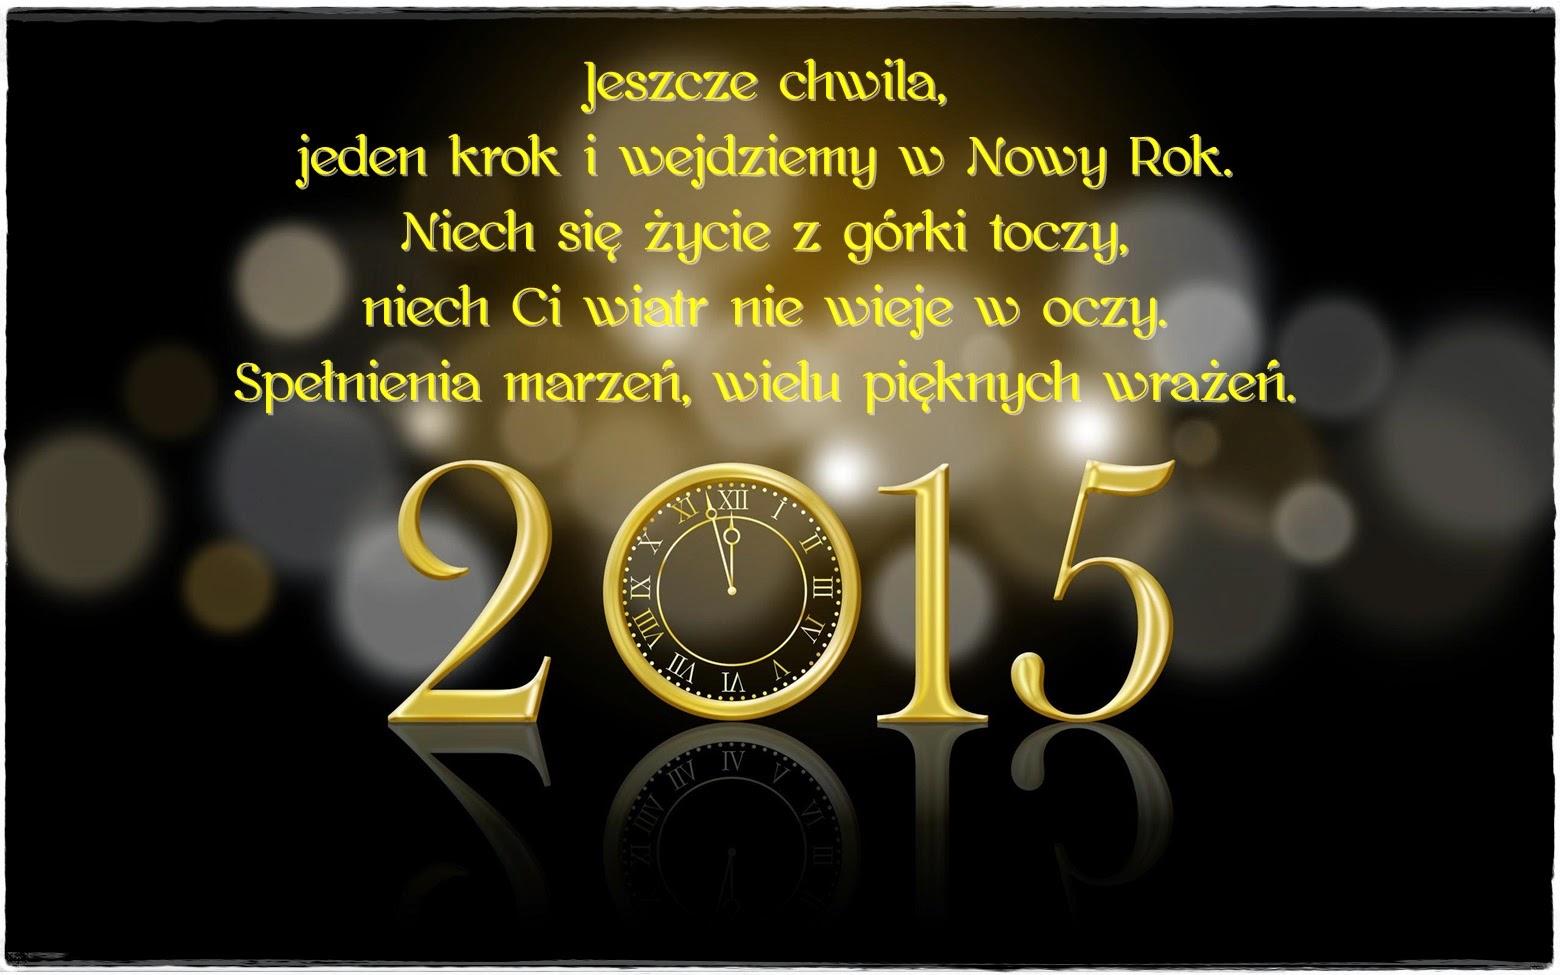 Co Mi W Duszy Gra Grafika Cytaty życzenia Wiersze Nowy Rok